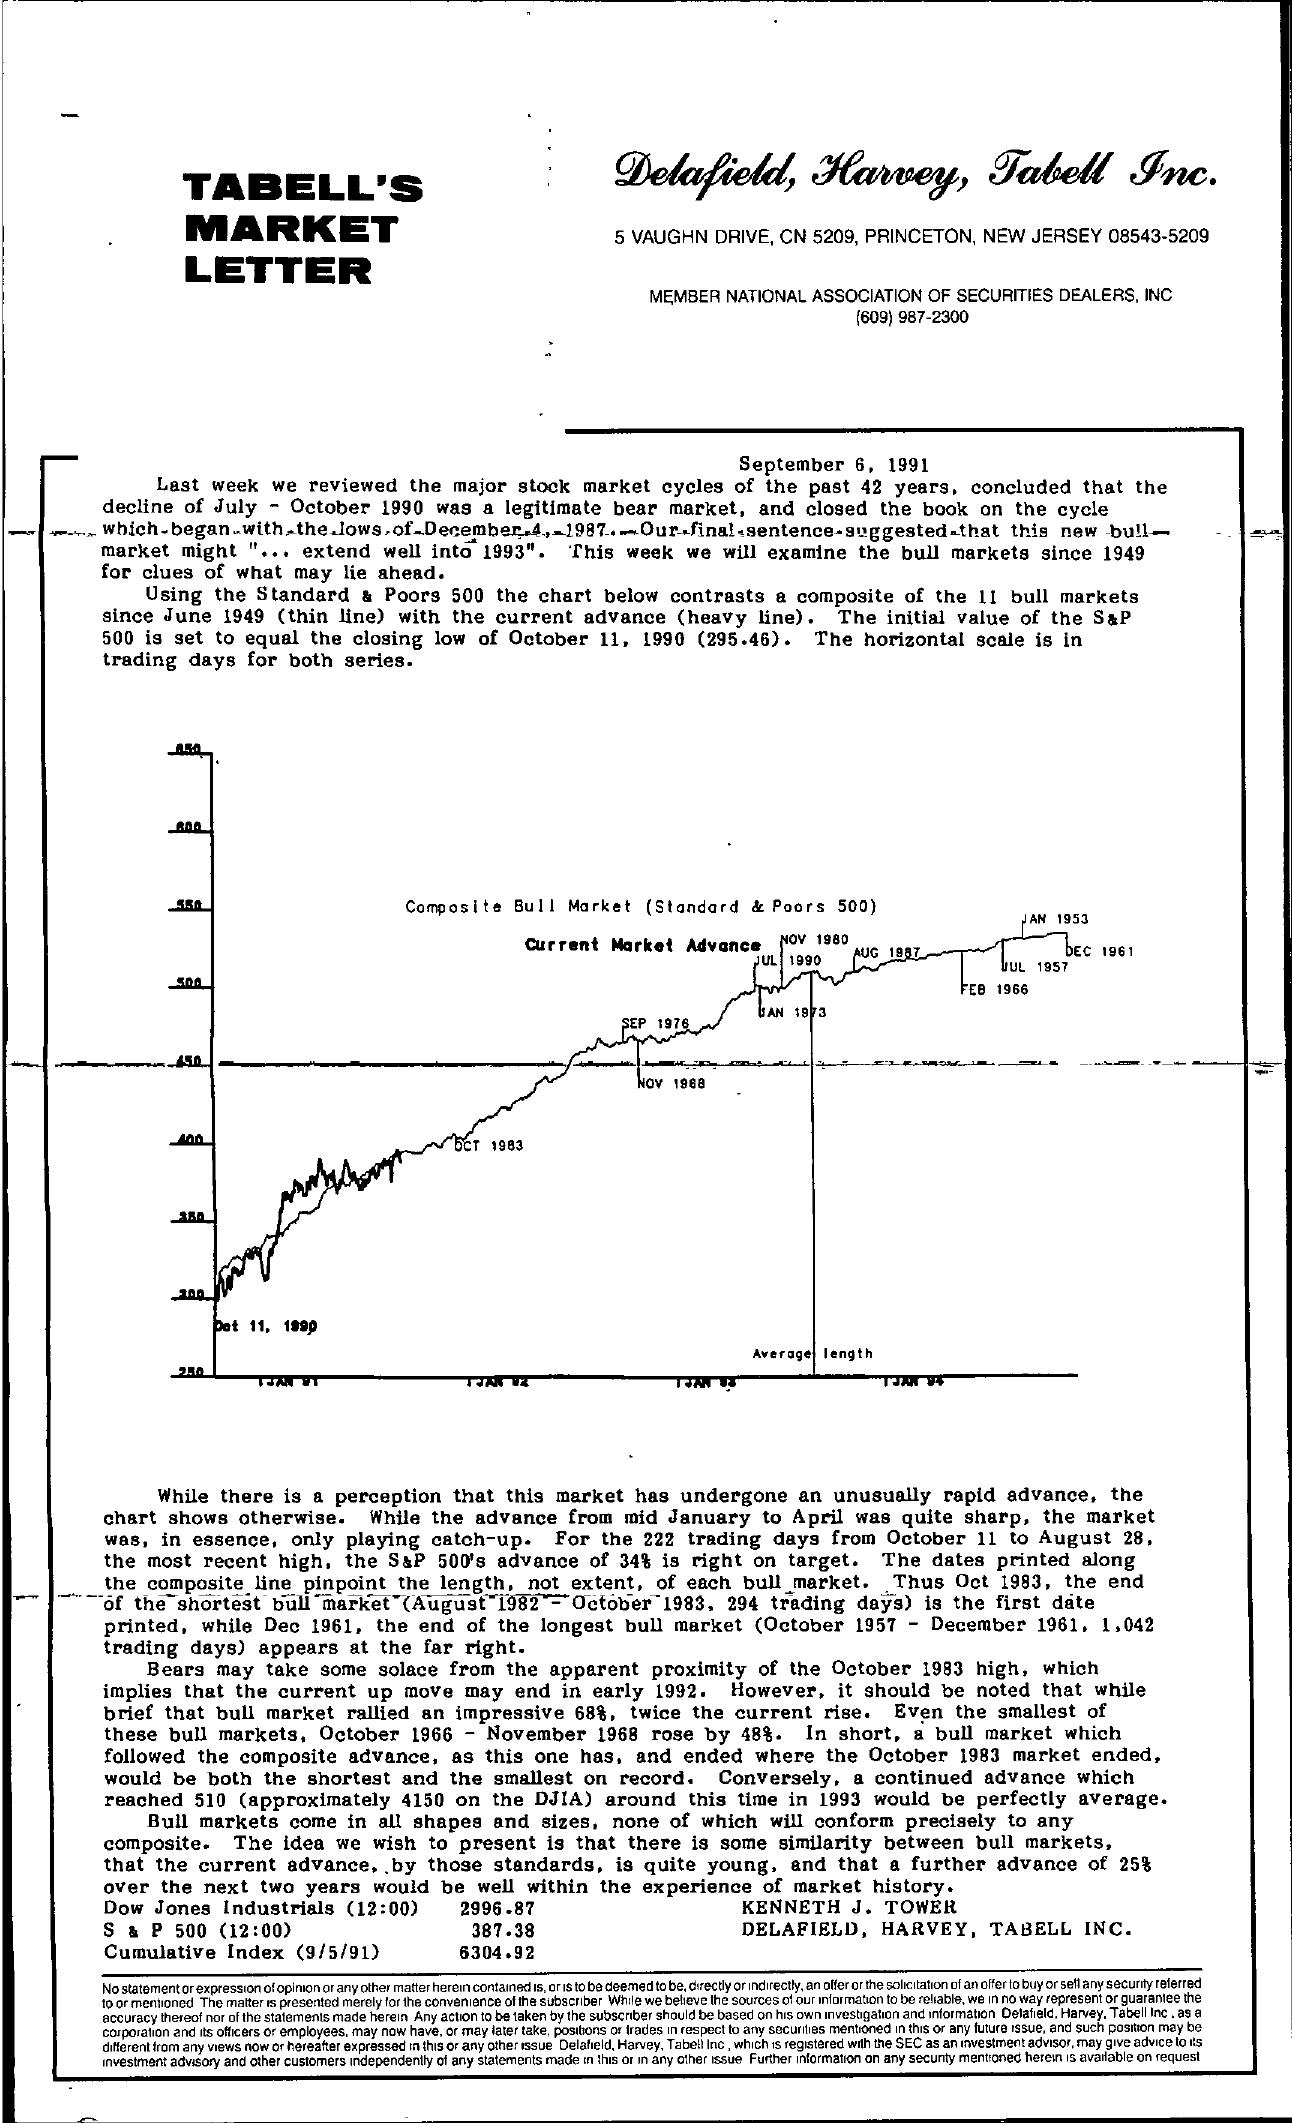 Tabell's Market Letter - September 06, 1991